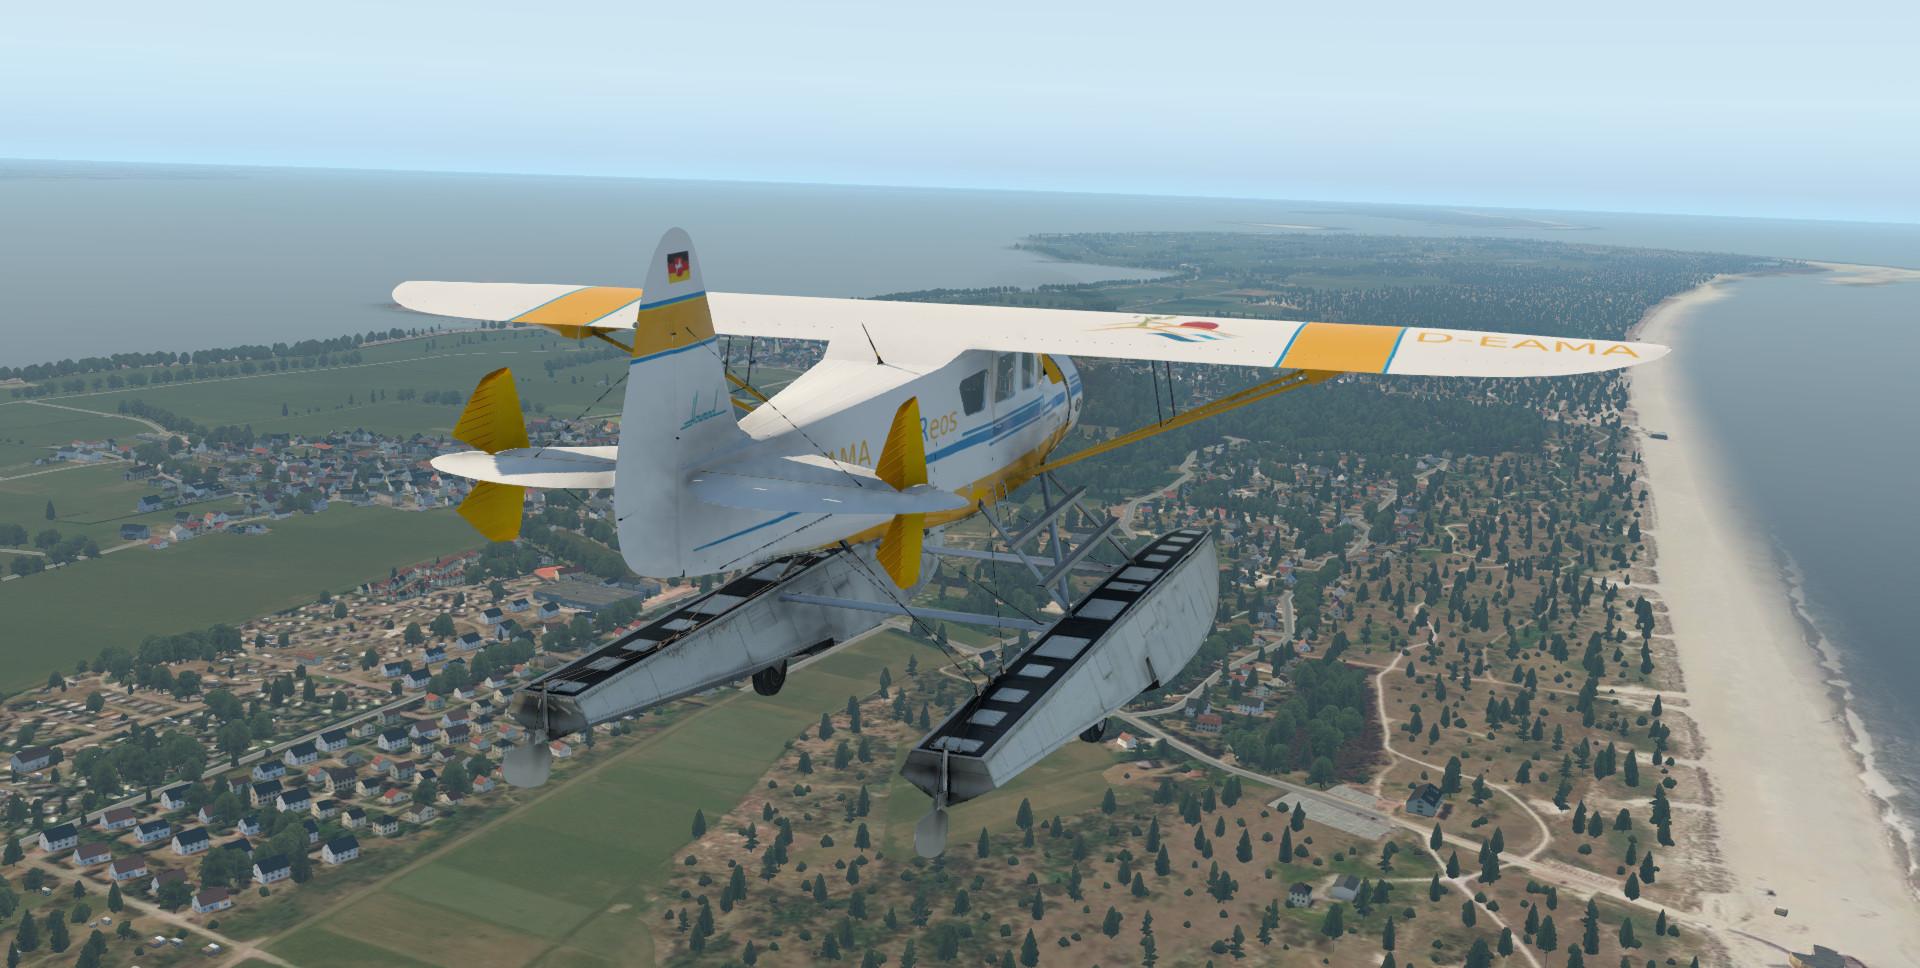 nordseerundflug-023rzjau.jpg